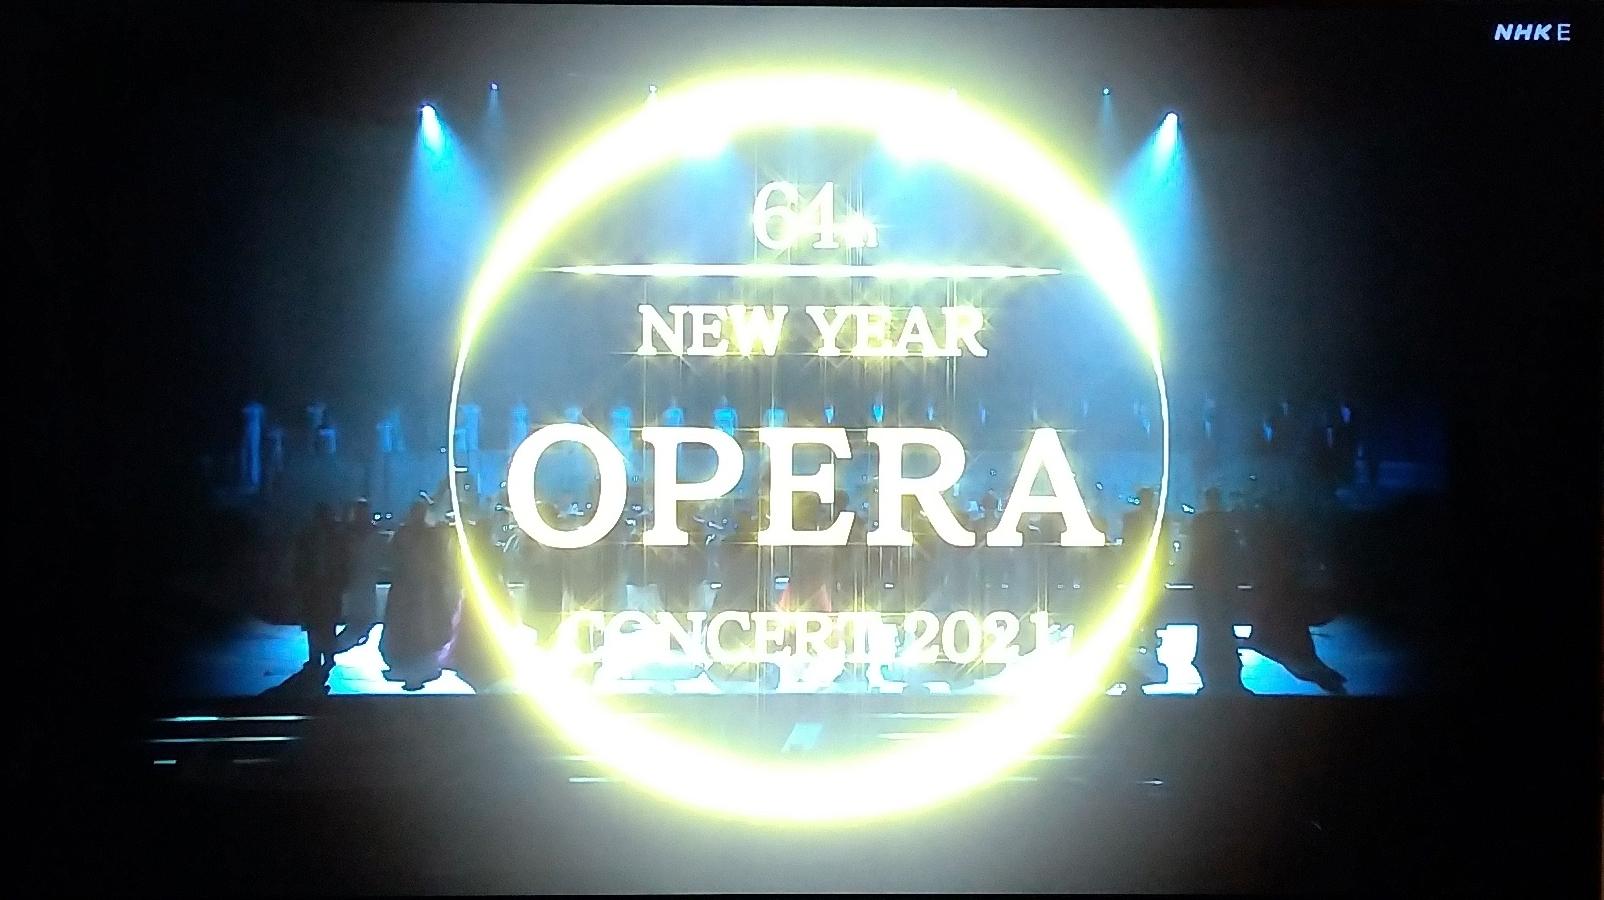 コンサート 2021 イヤー ニュー 九州交響楽団ニューイヤーコンサート2021